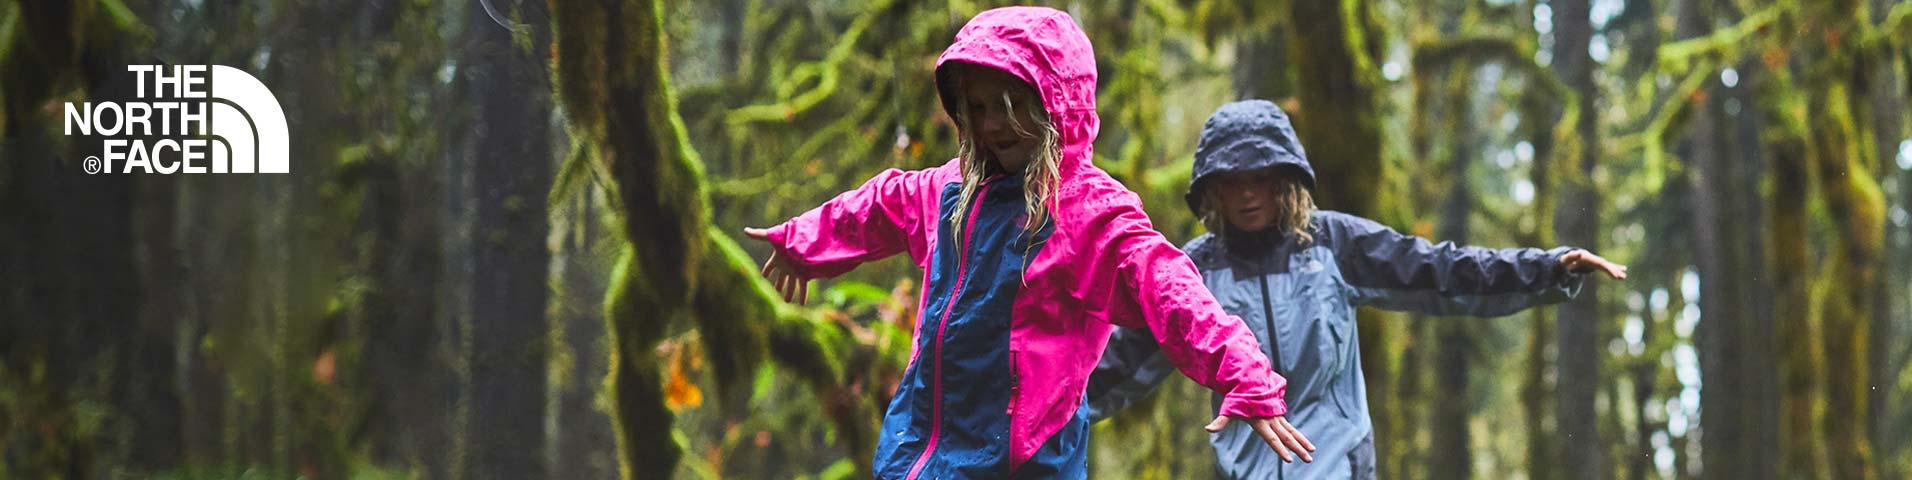 Articles pour enfant The North Face turquoise | Tous les